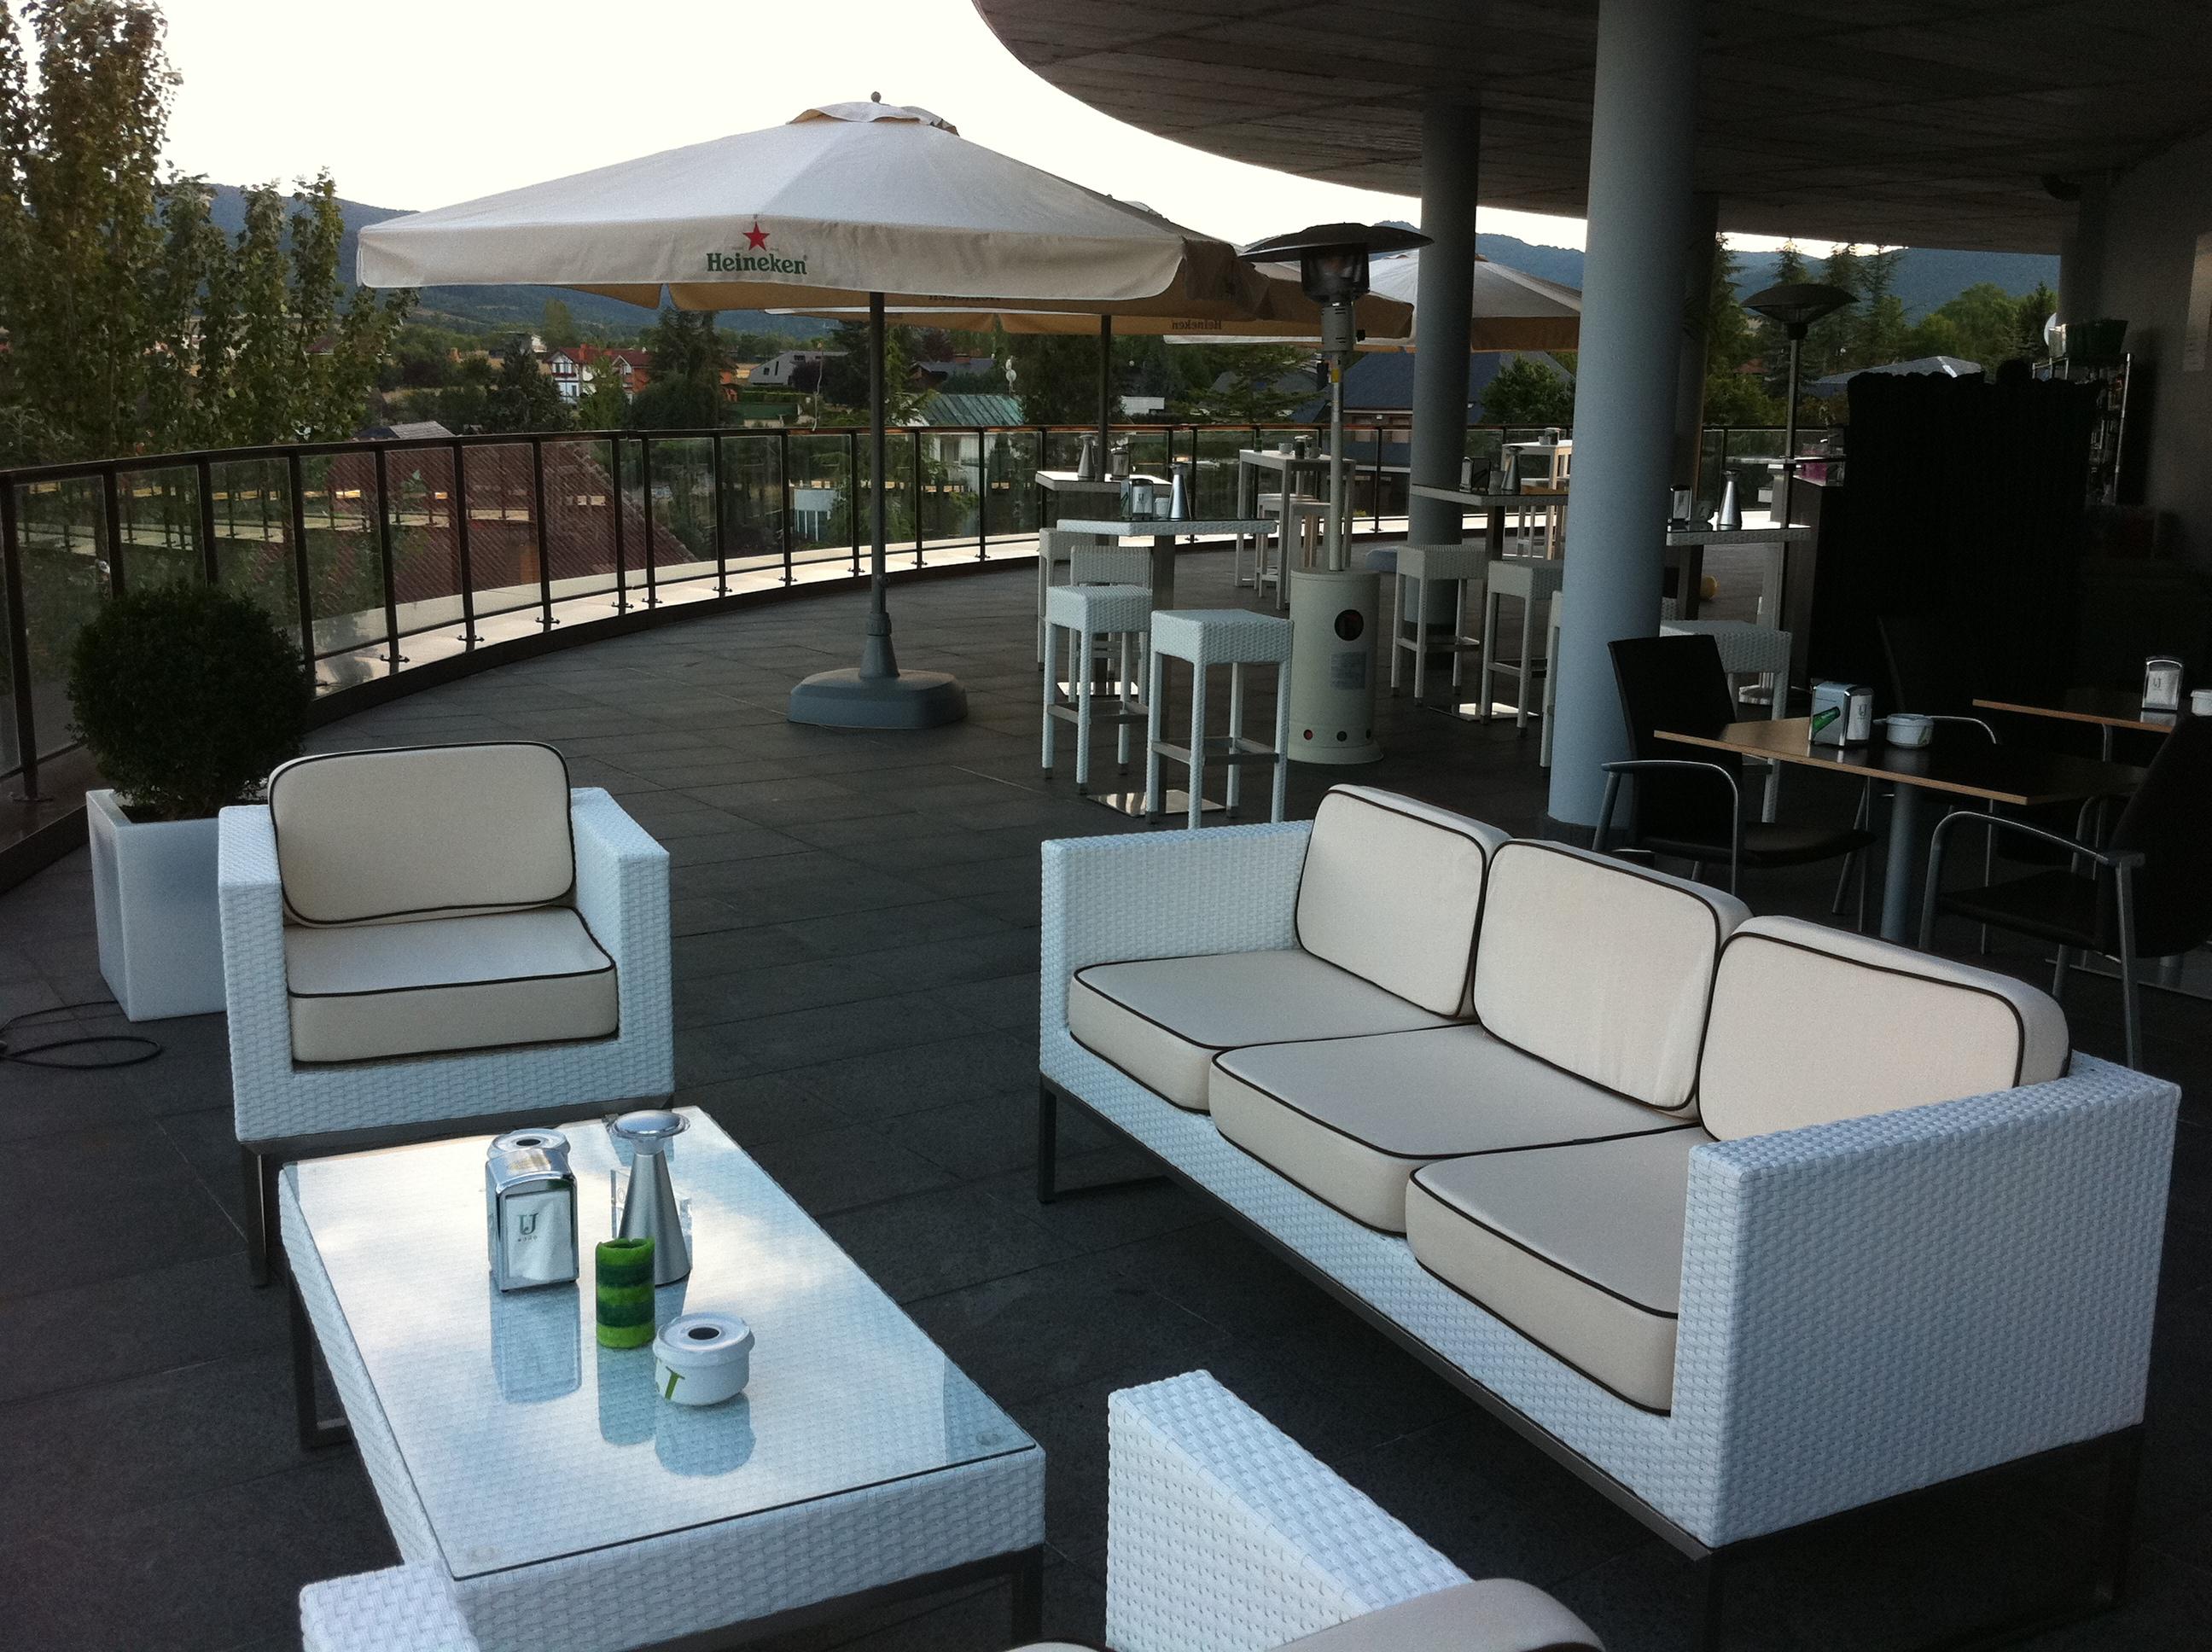 Zenit jardines de uleta suites hotel en vitoria viajes for Hotel jardines de uleta vitoria